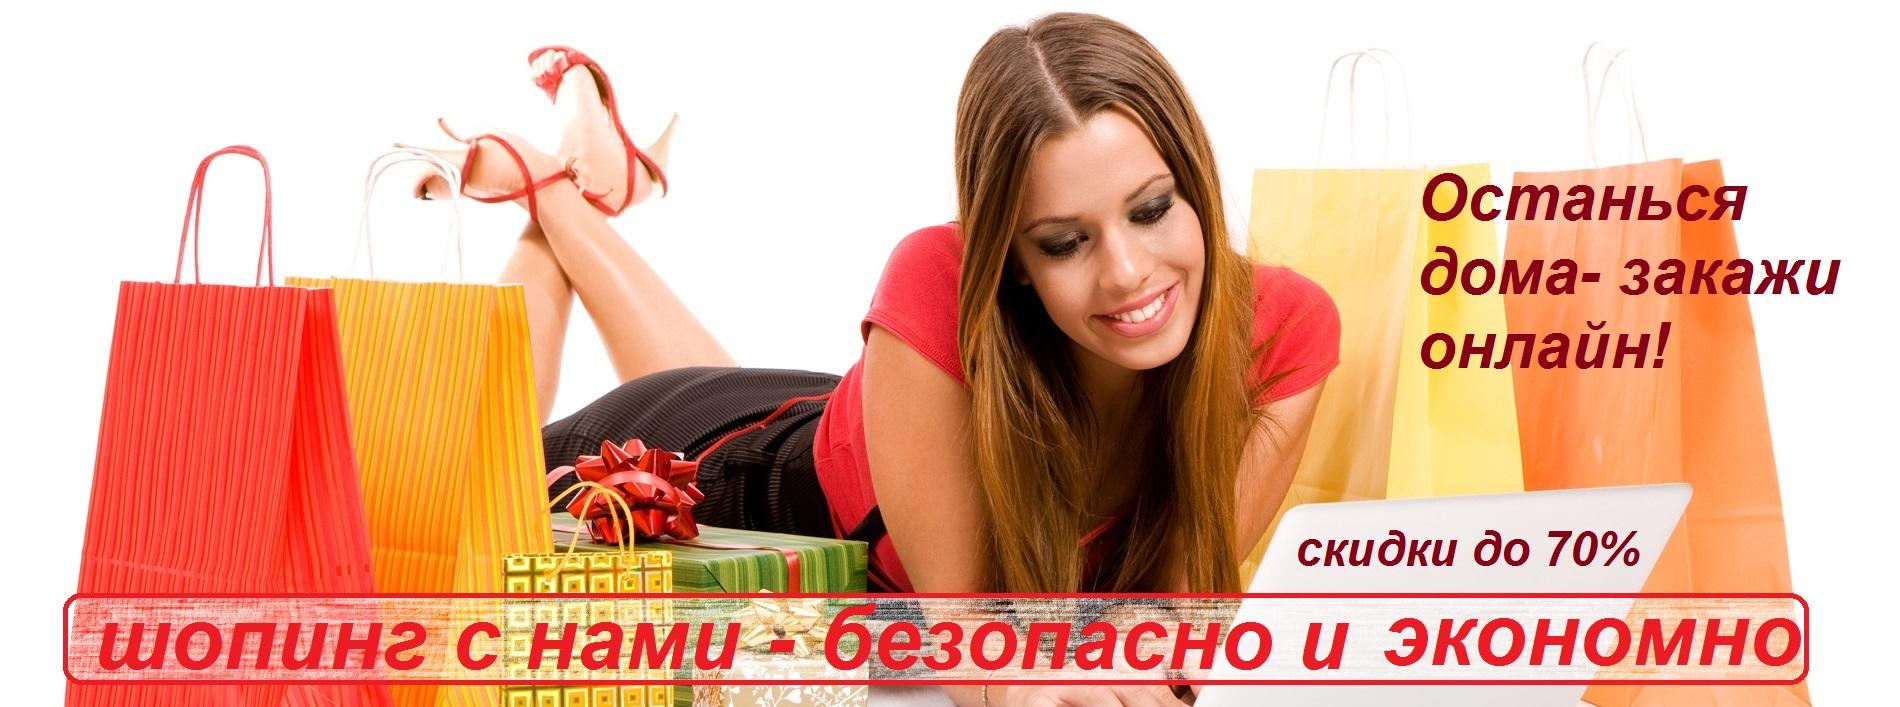 skidki.sandal.zp.ua_-_kopiya__3_